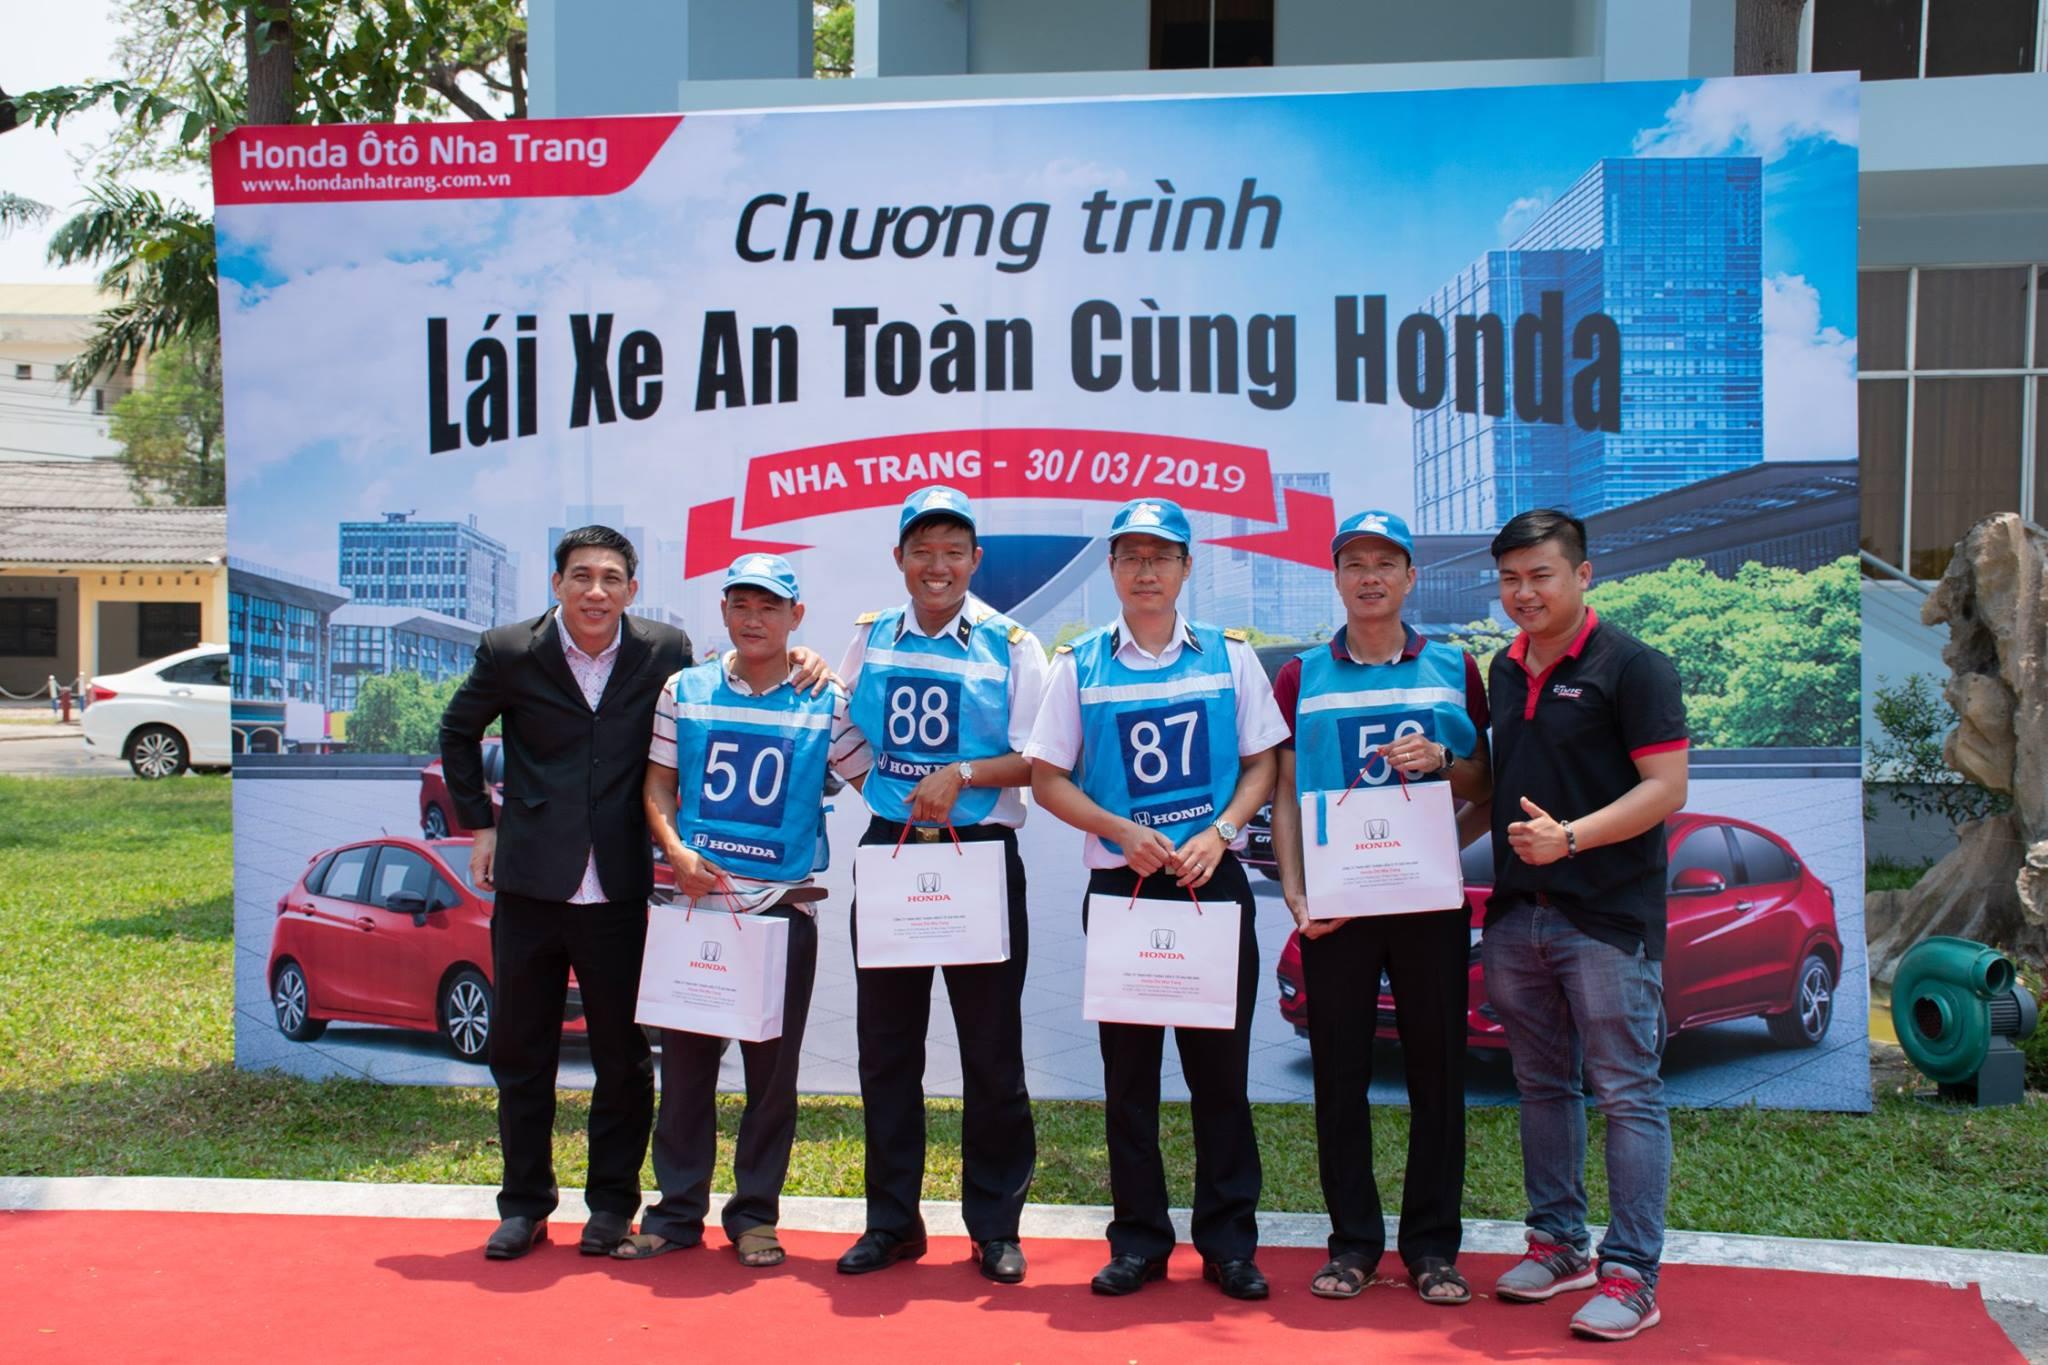 Khóa học Lái xe an toàn 2019 cùng Honda Ôtô Nha Trang.